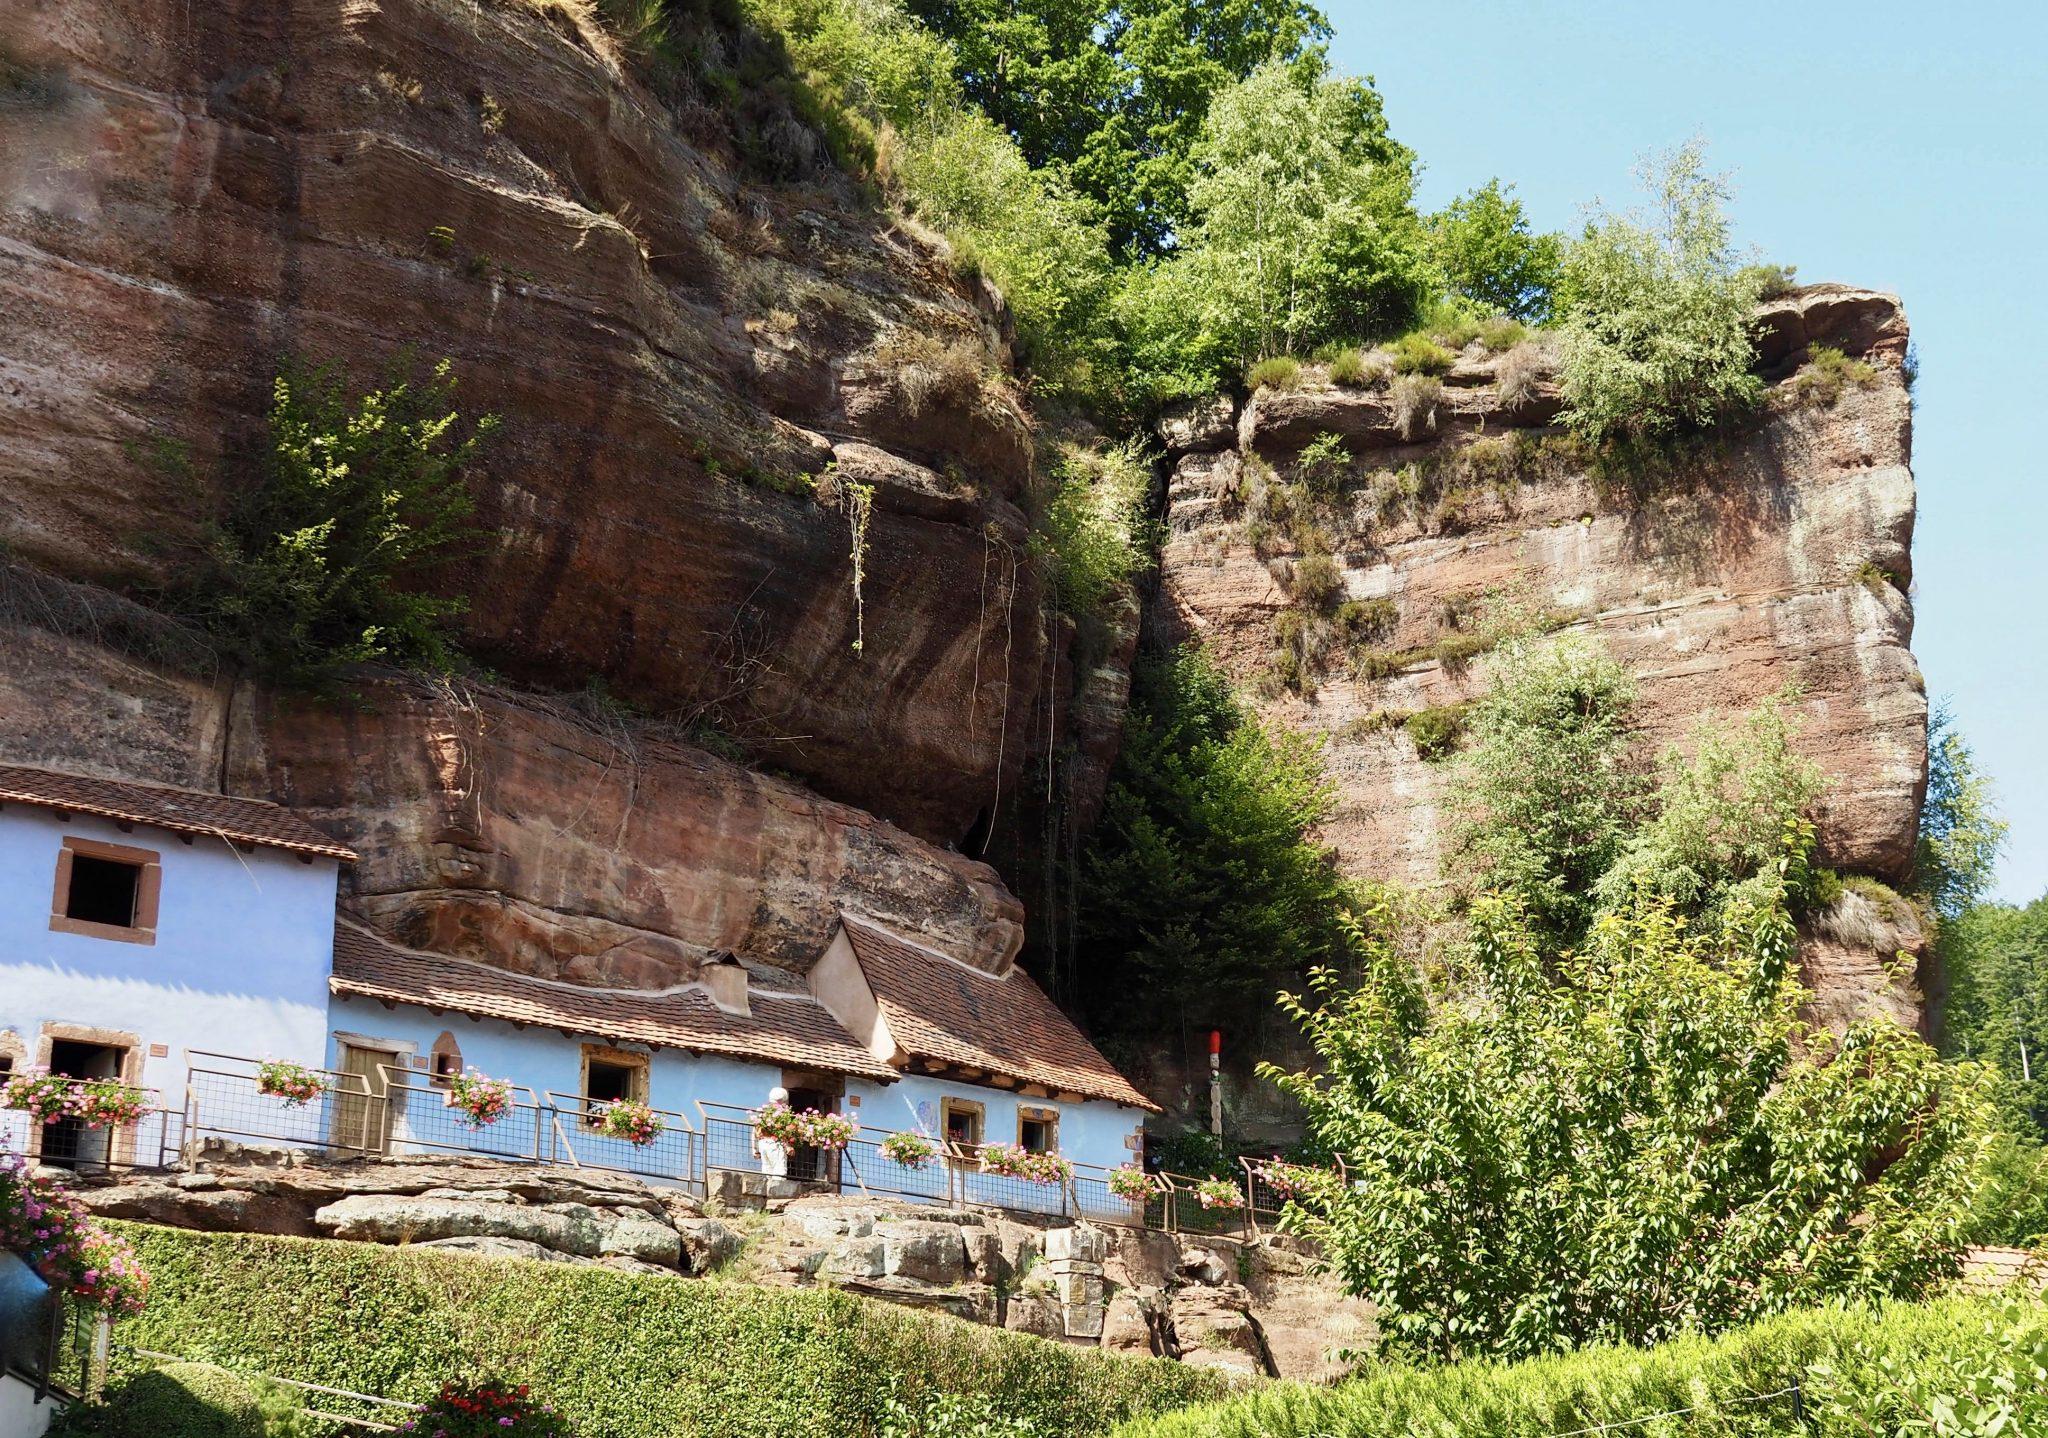 Maisons de Rochers de Graufthal